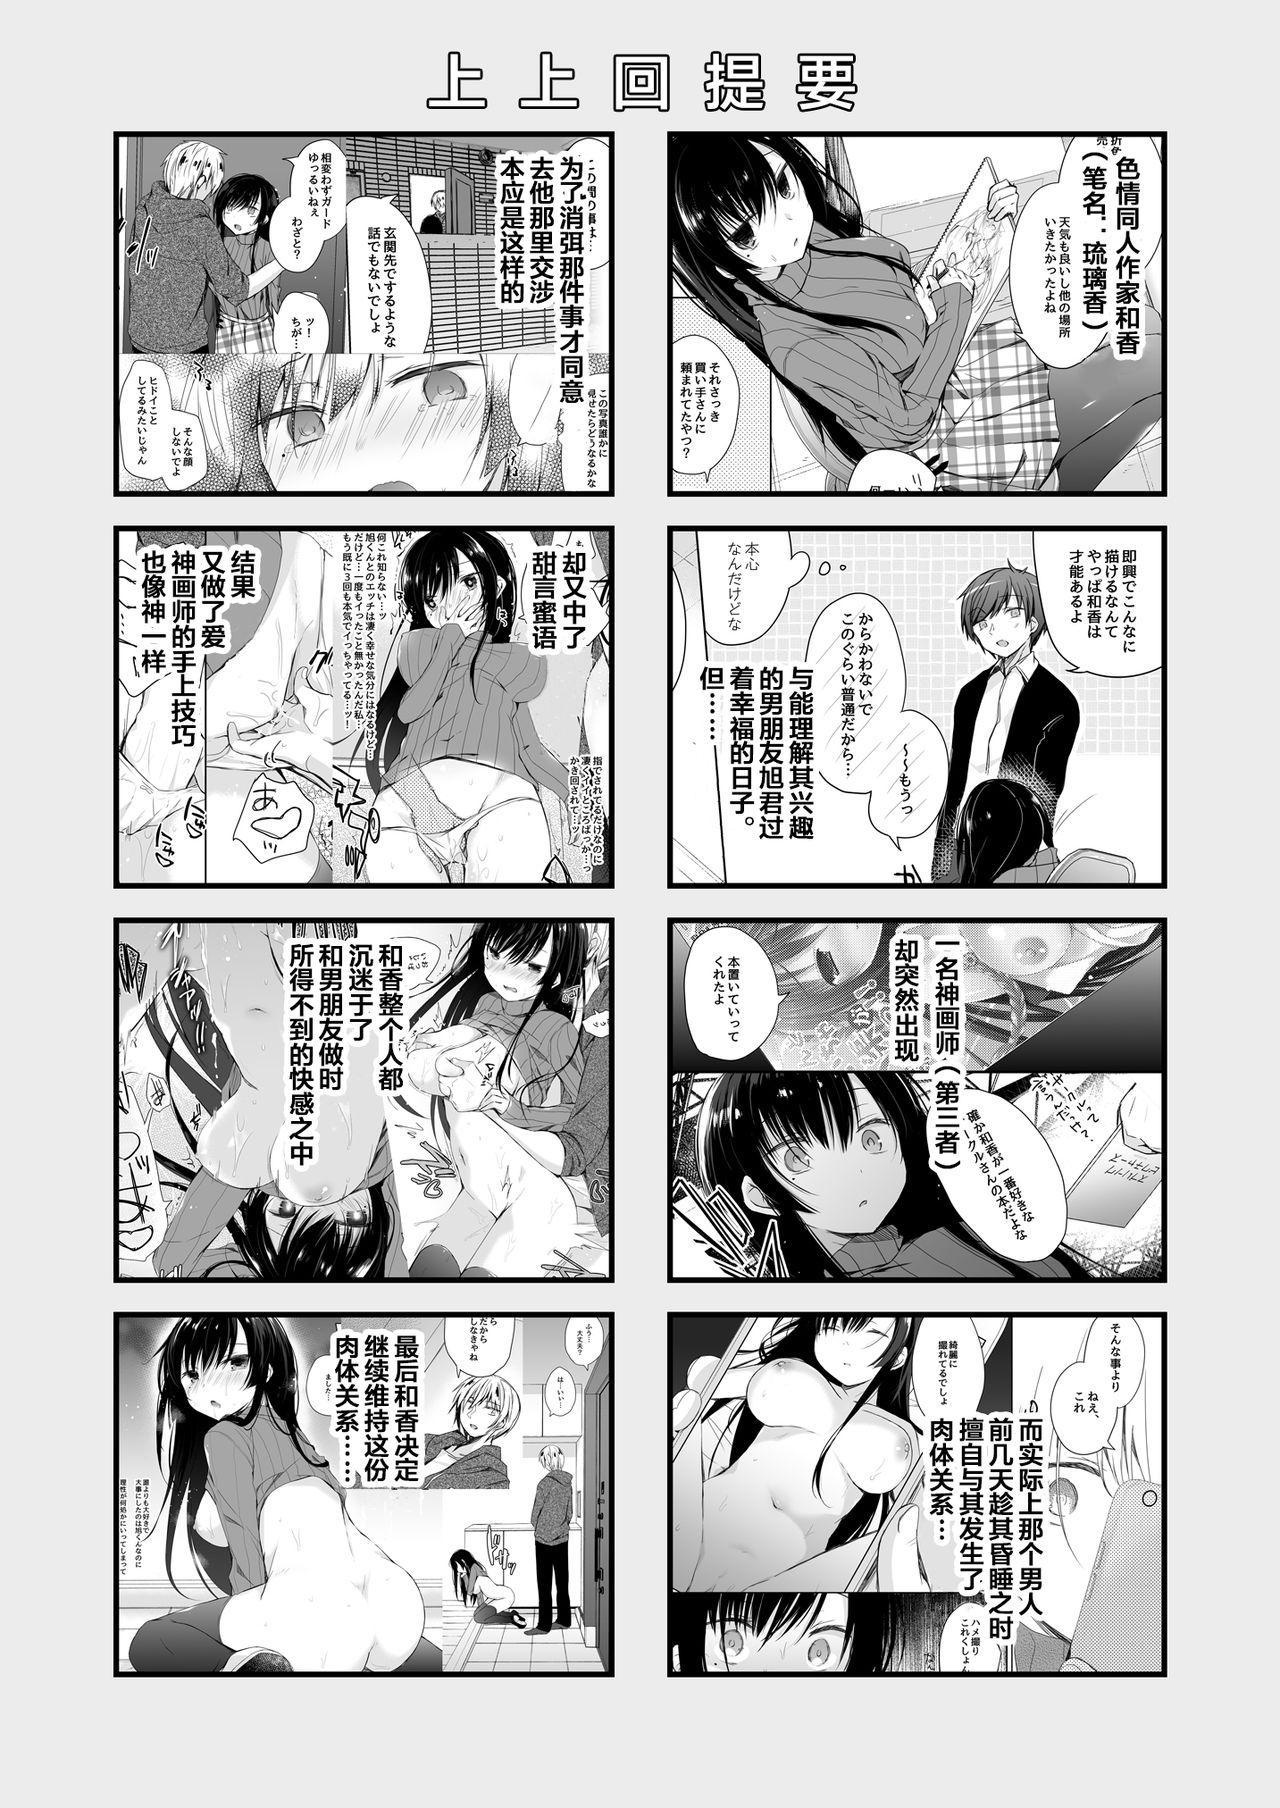 Ero Doujin Sakka no Boku no Kanojo wa Uwaki nante Shinai. 3 - She will never let me down. 3